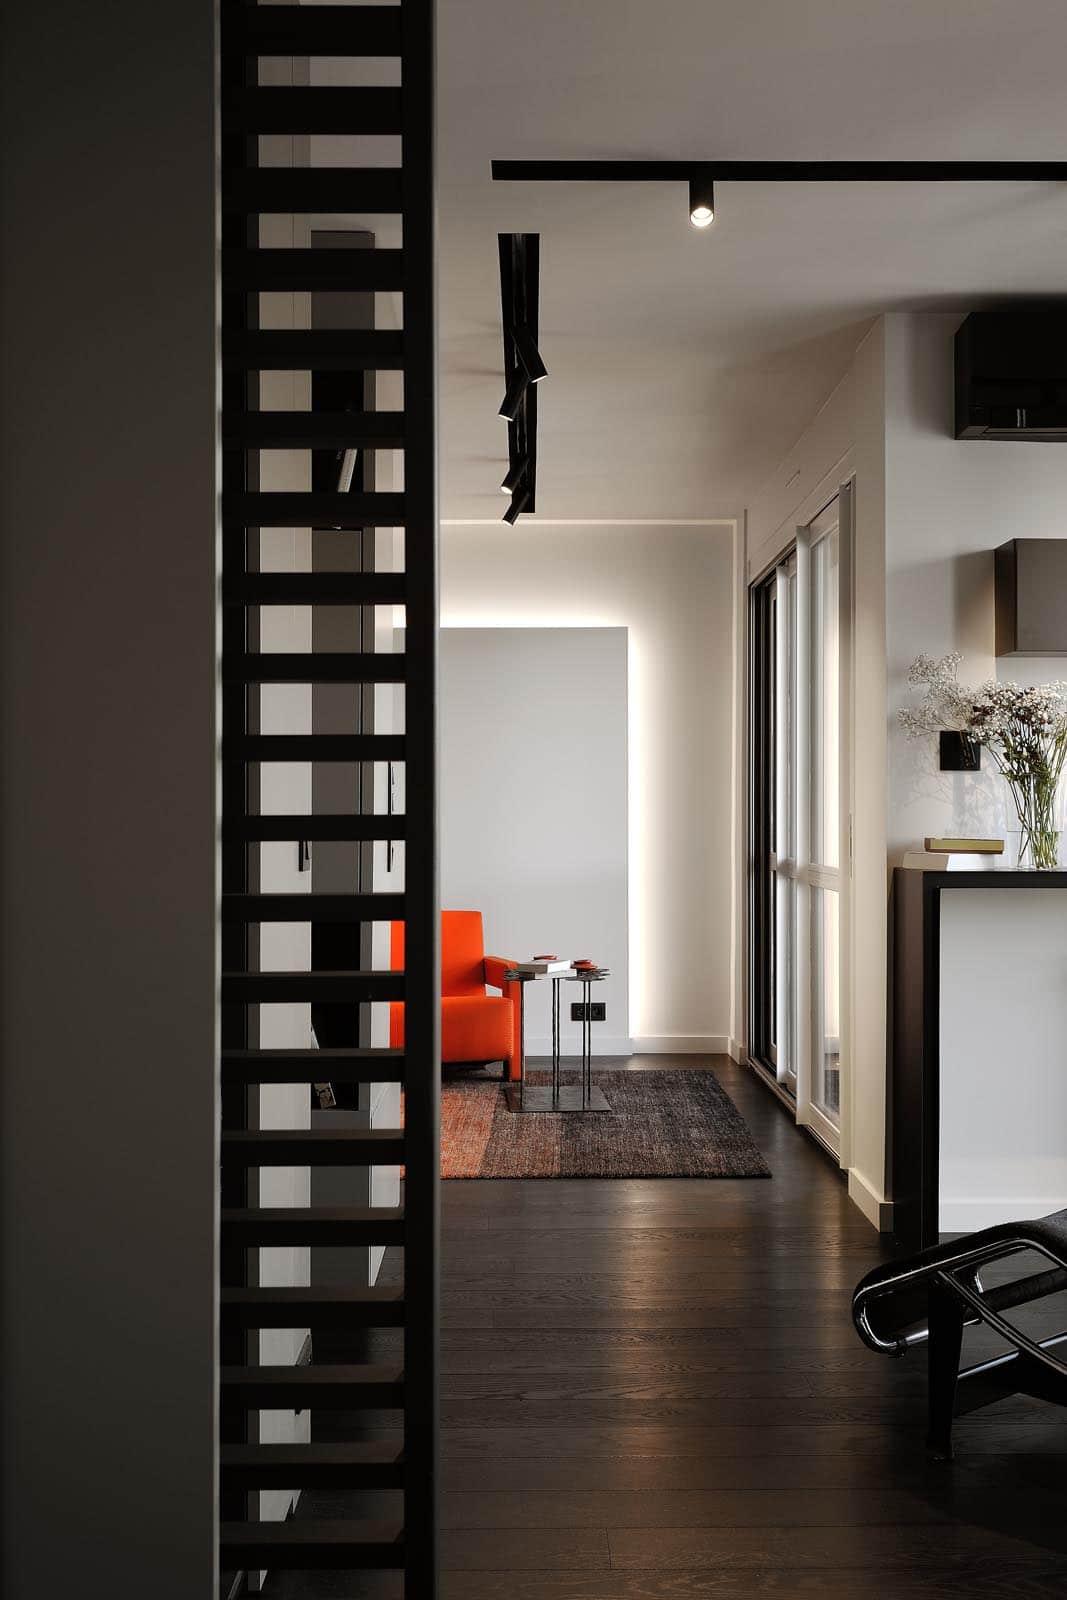 St-Antoine_Architecture-Interieur_VADOT_06